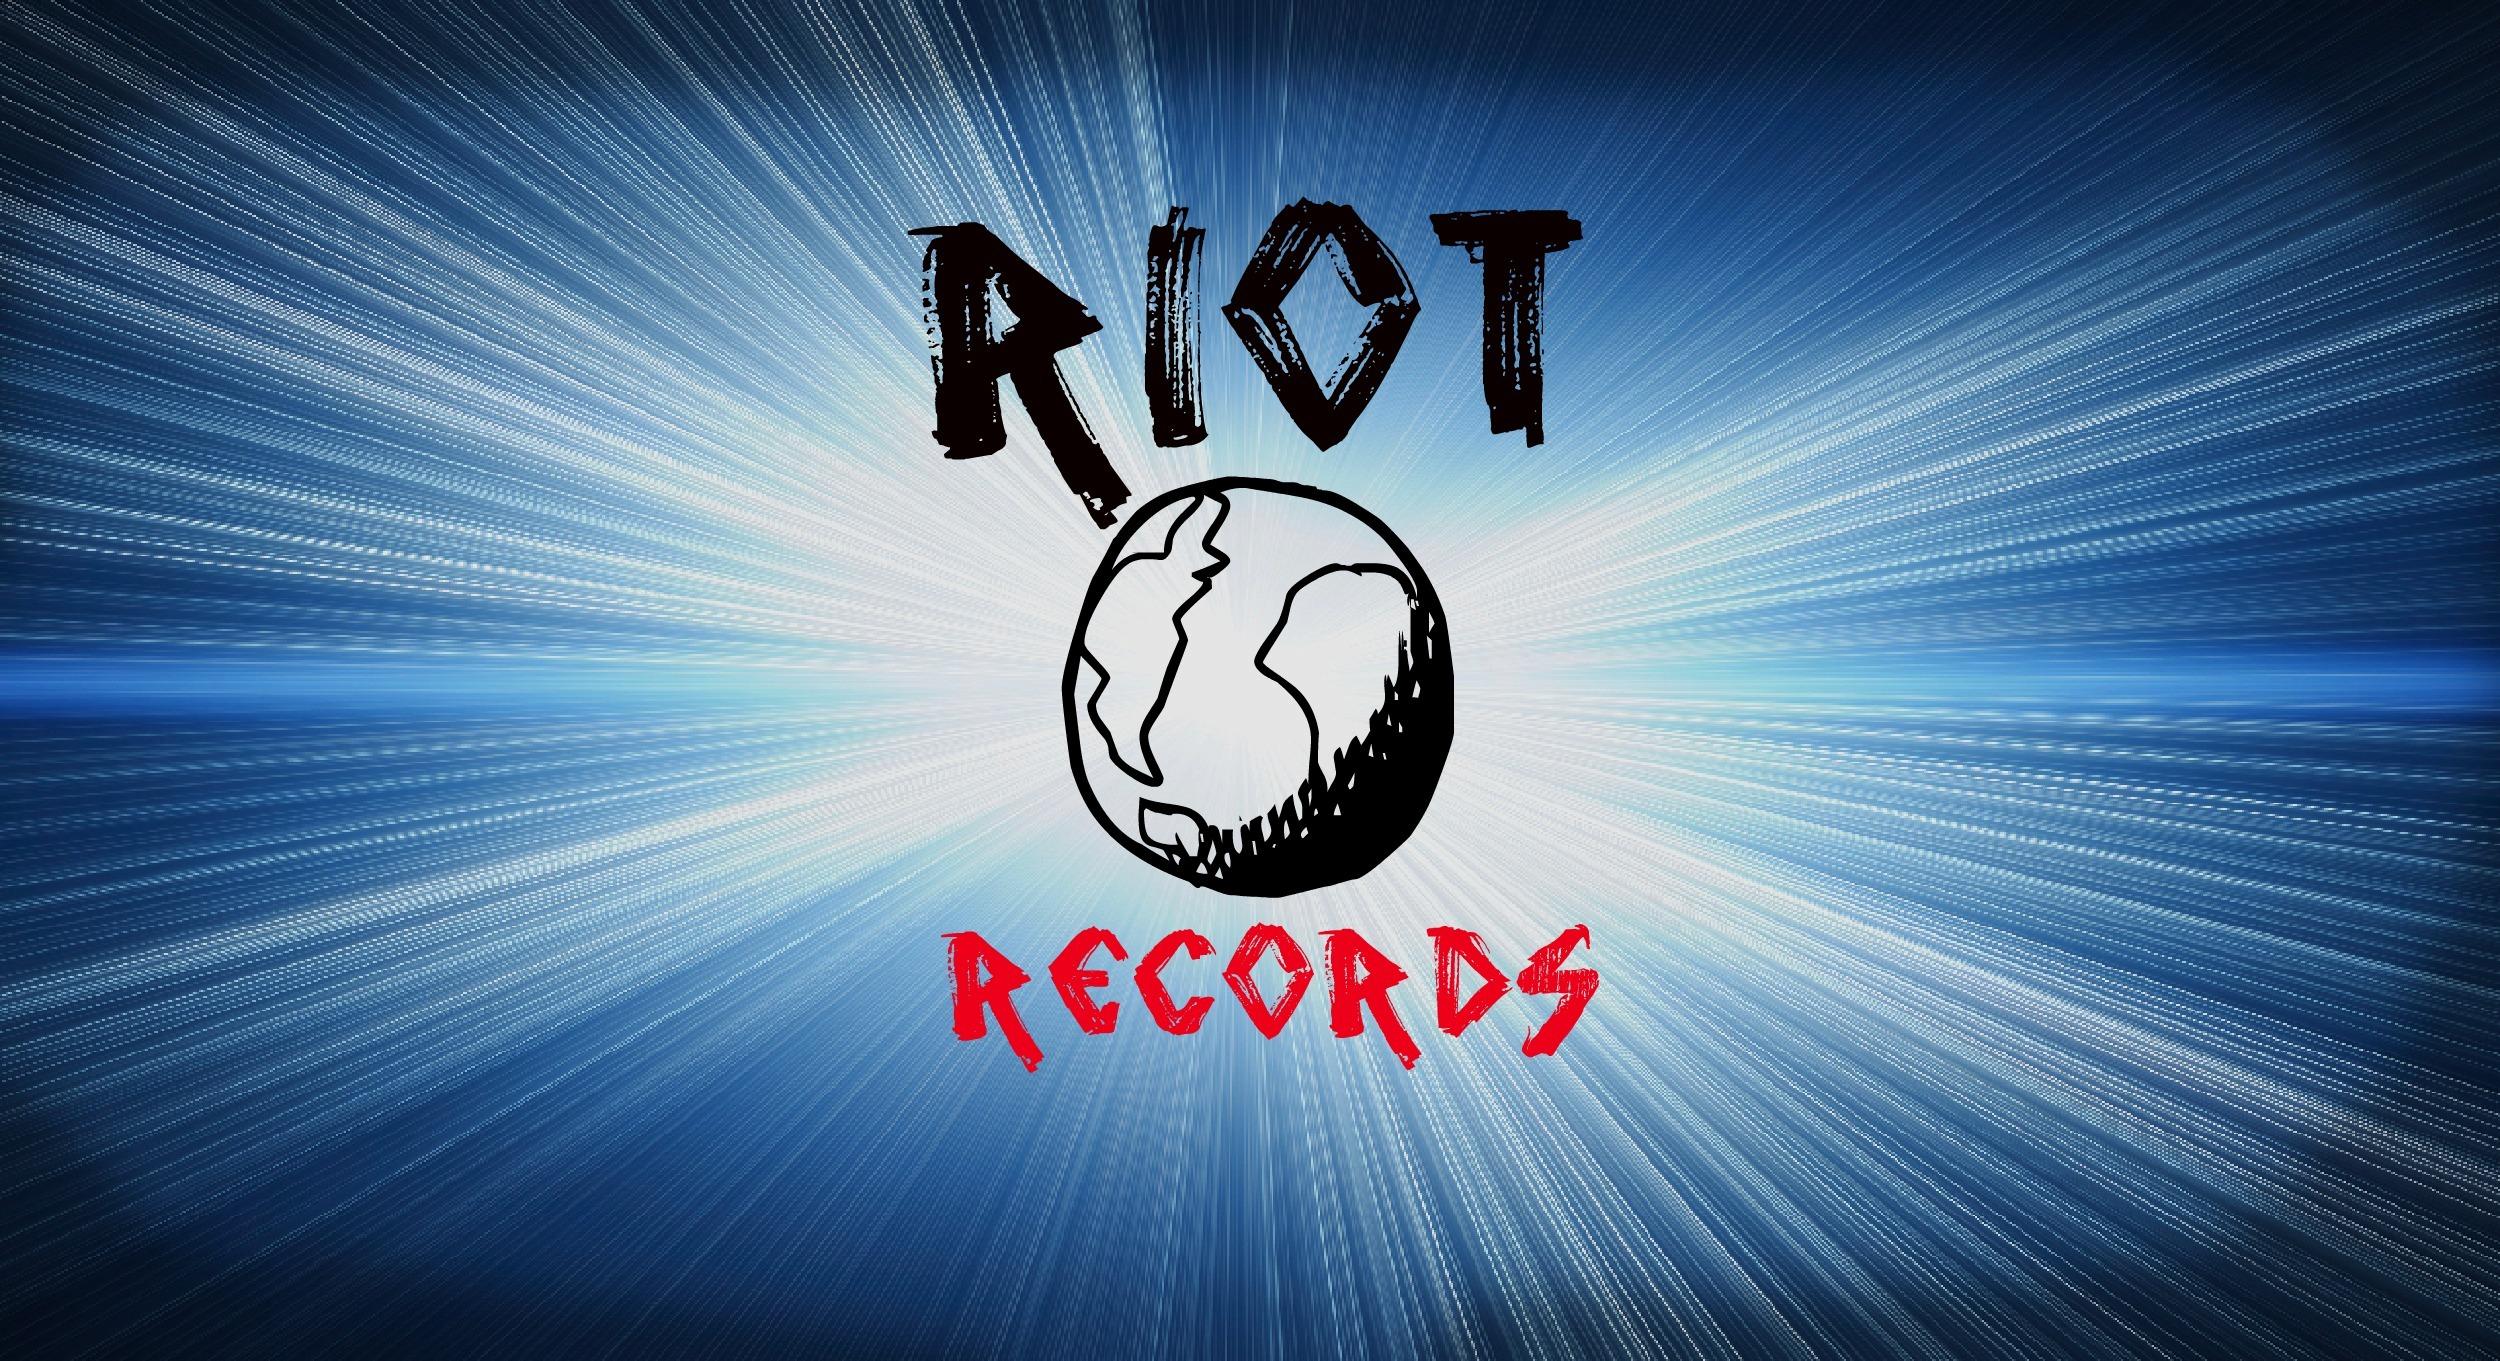 RIOT Records Shop